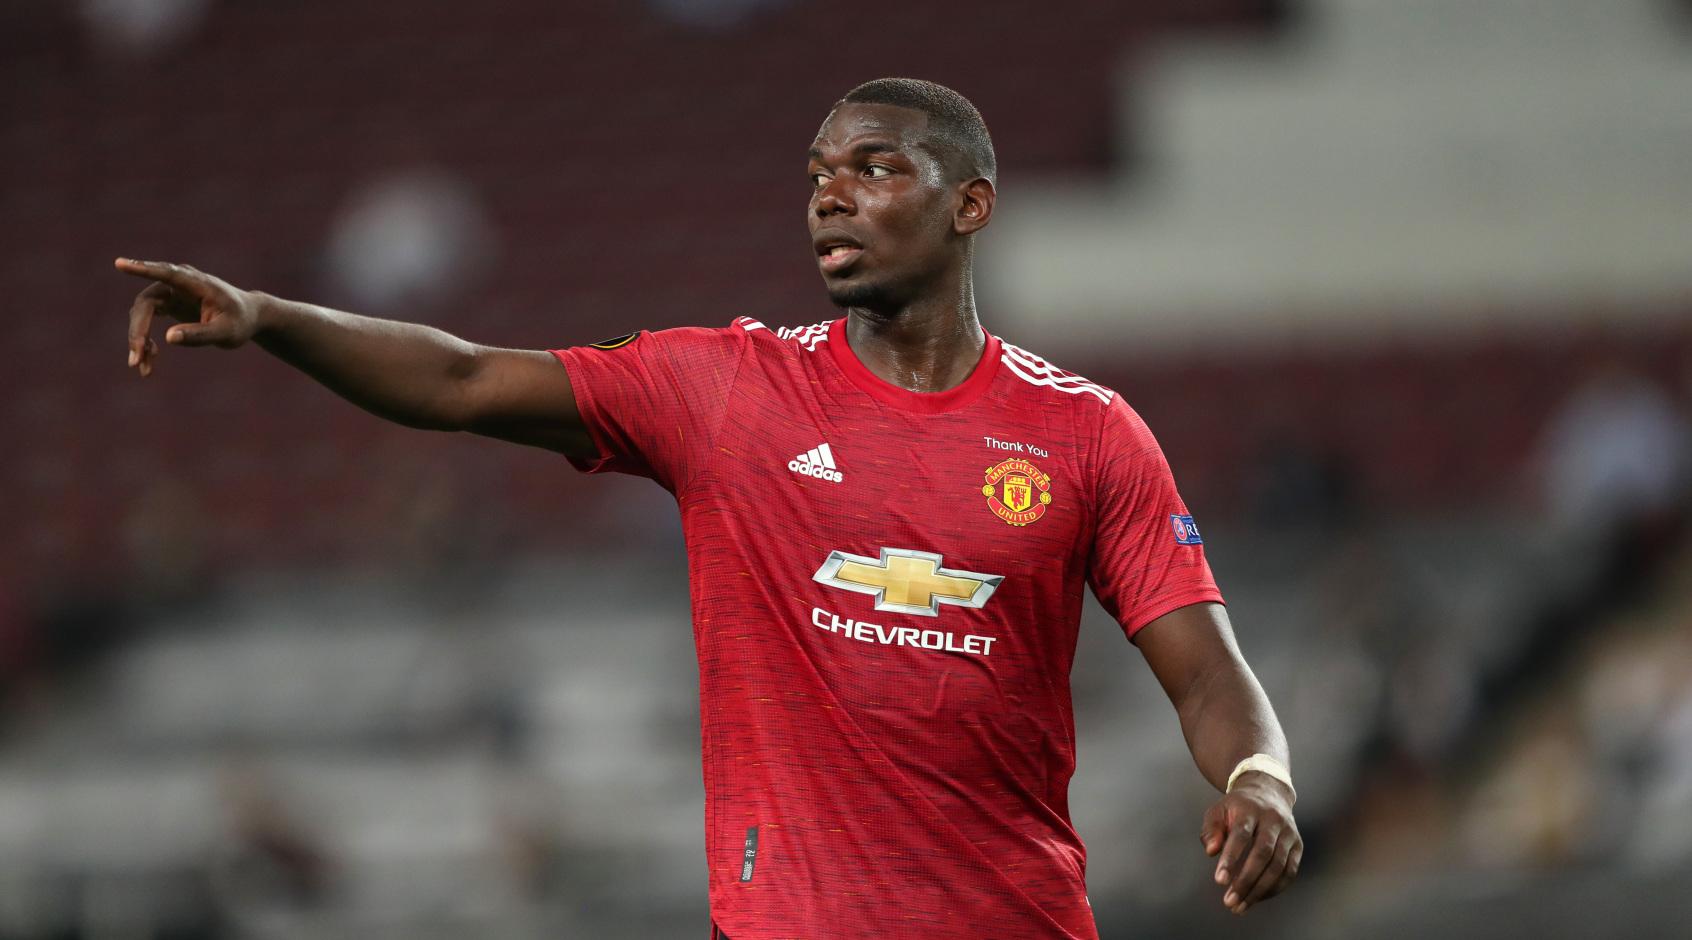 """Погба может перейти в """"Ювентус"""", если Роналду вернется в """"Манчестер Юнайтед"""""""